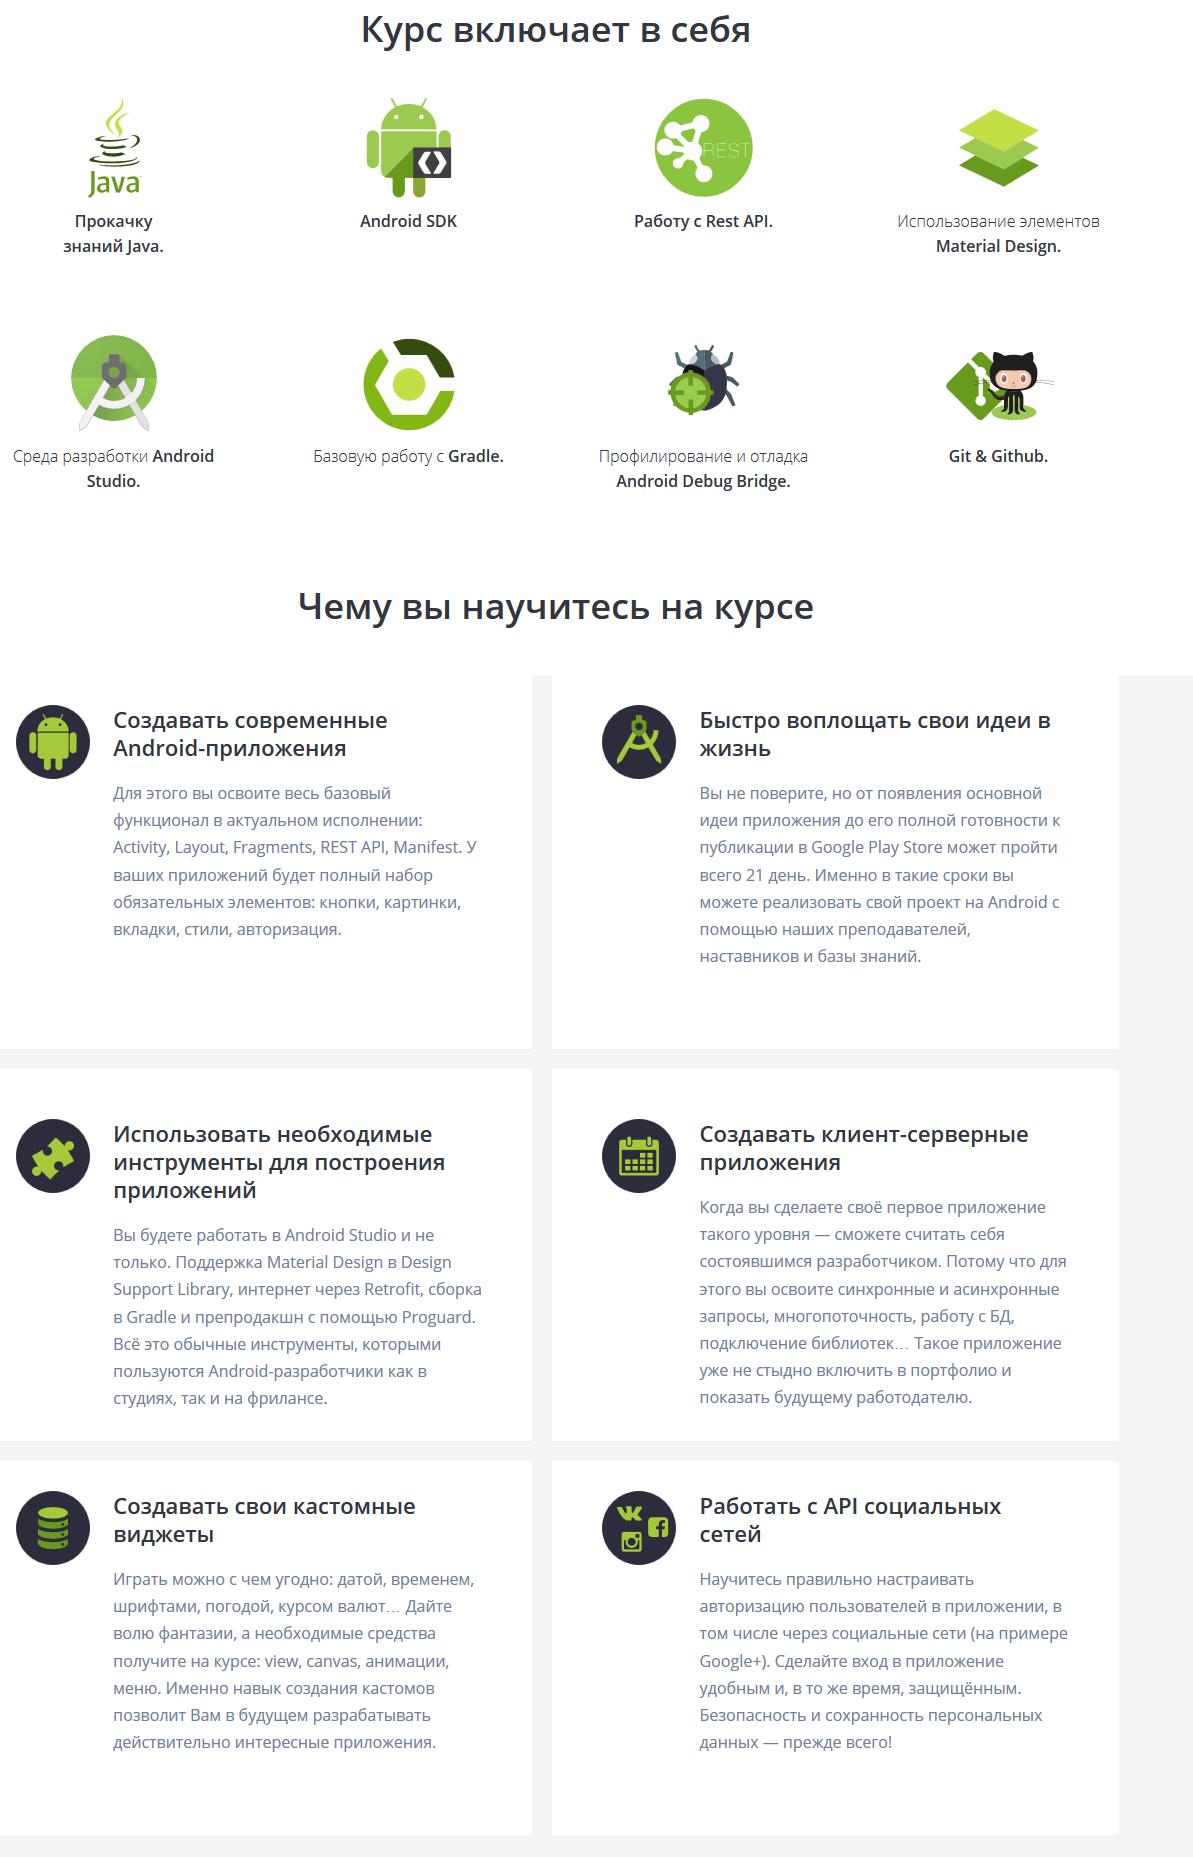 Комплексное обучение разработке на Android.jpg